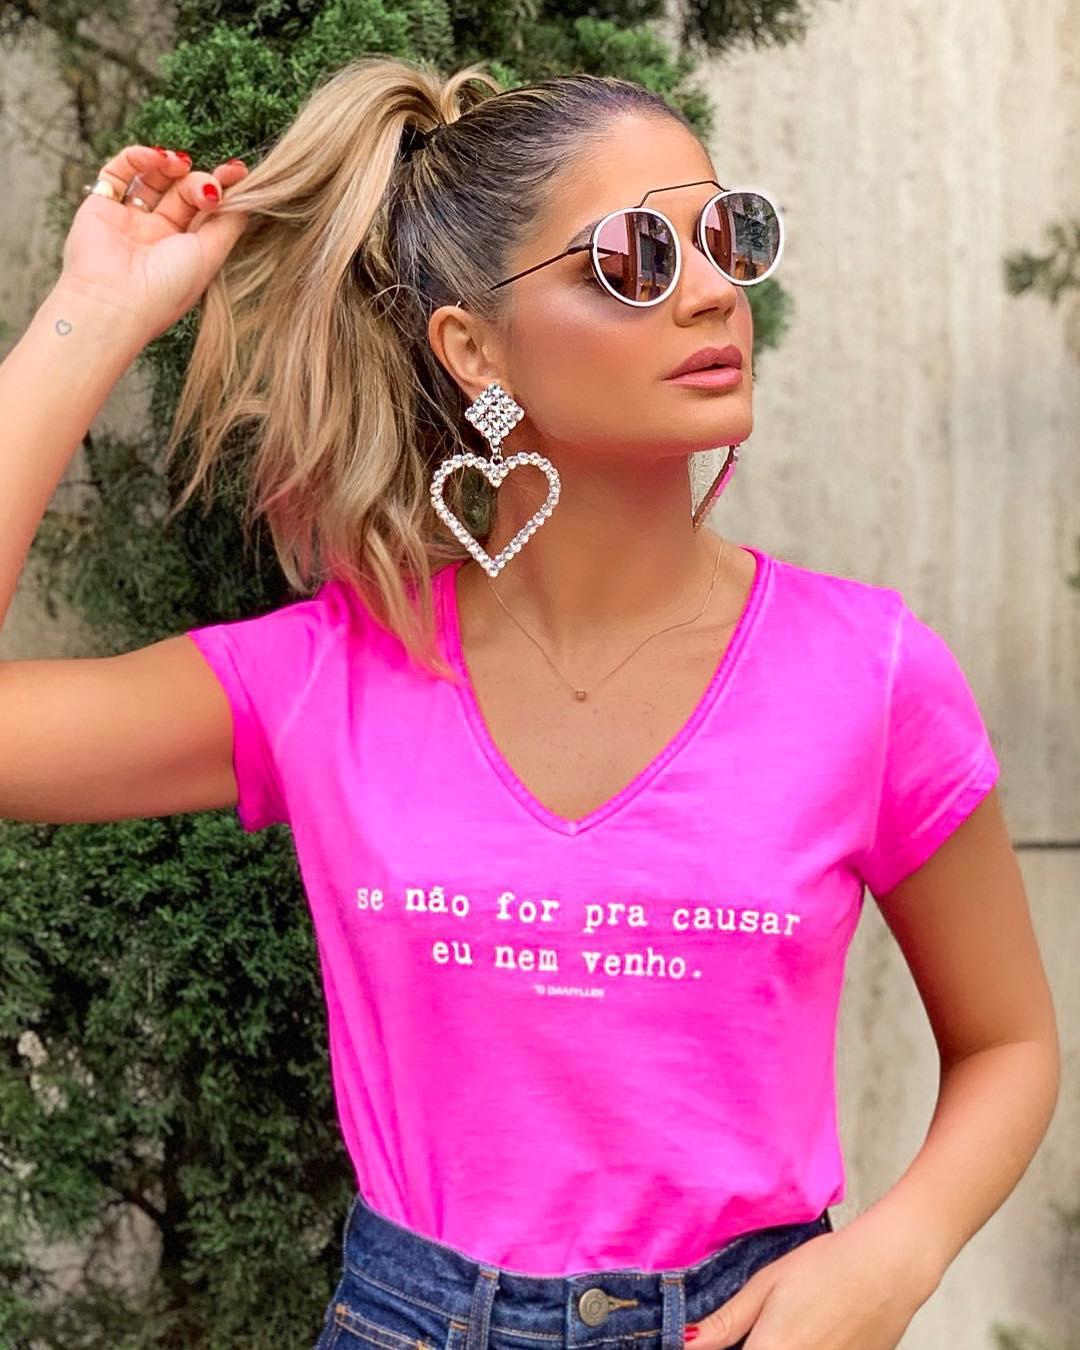 Thássia Naves usa cabelo preso em rabo de cavalo alto, camiseta rosa pink escrito se não for pra causar, eu nem venho, maxi brincos de coração com strass prata e óculos de sol.